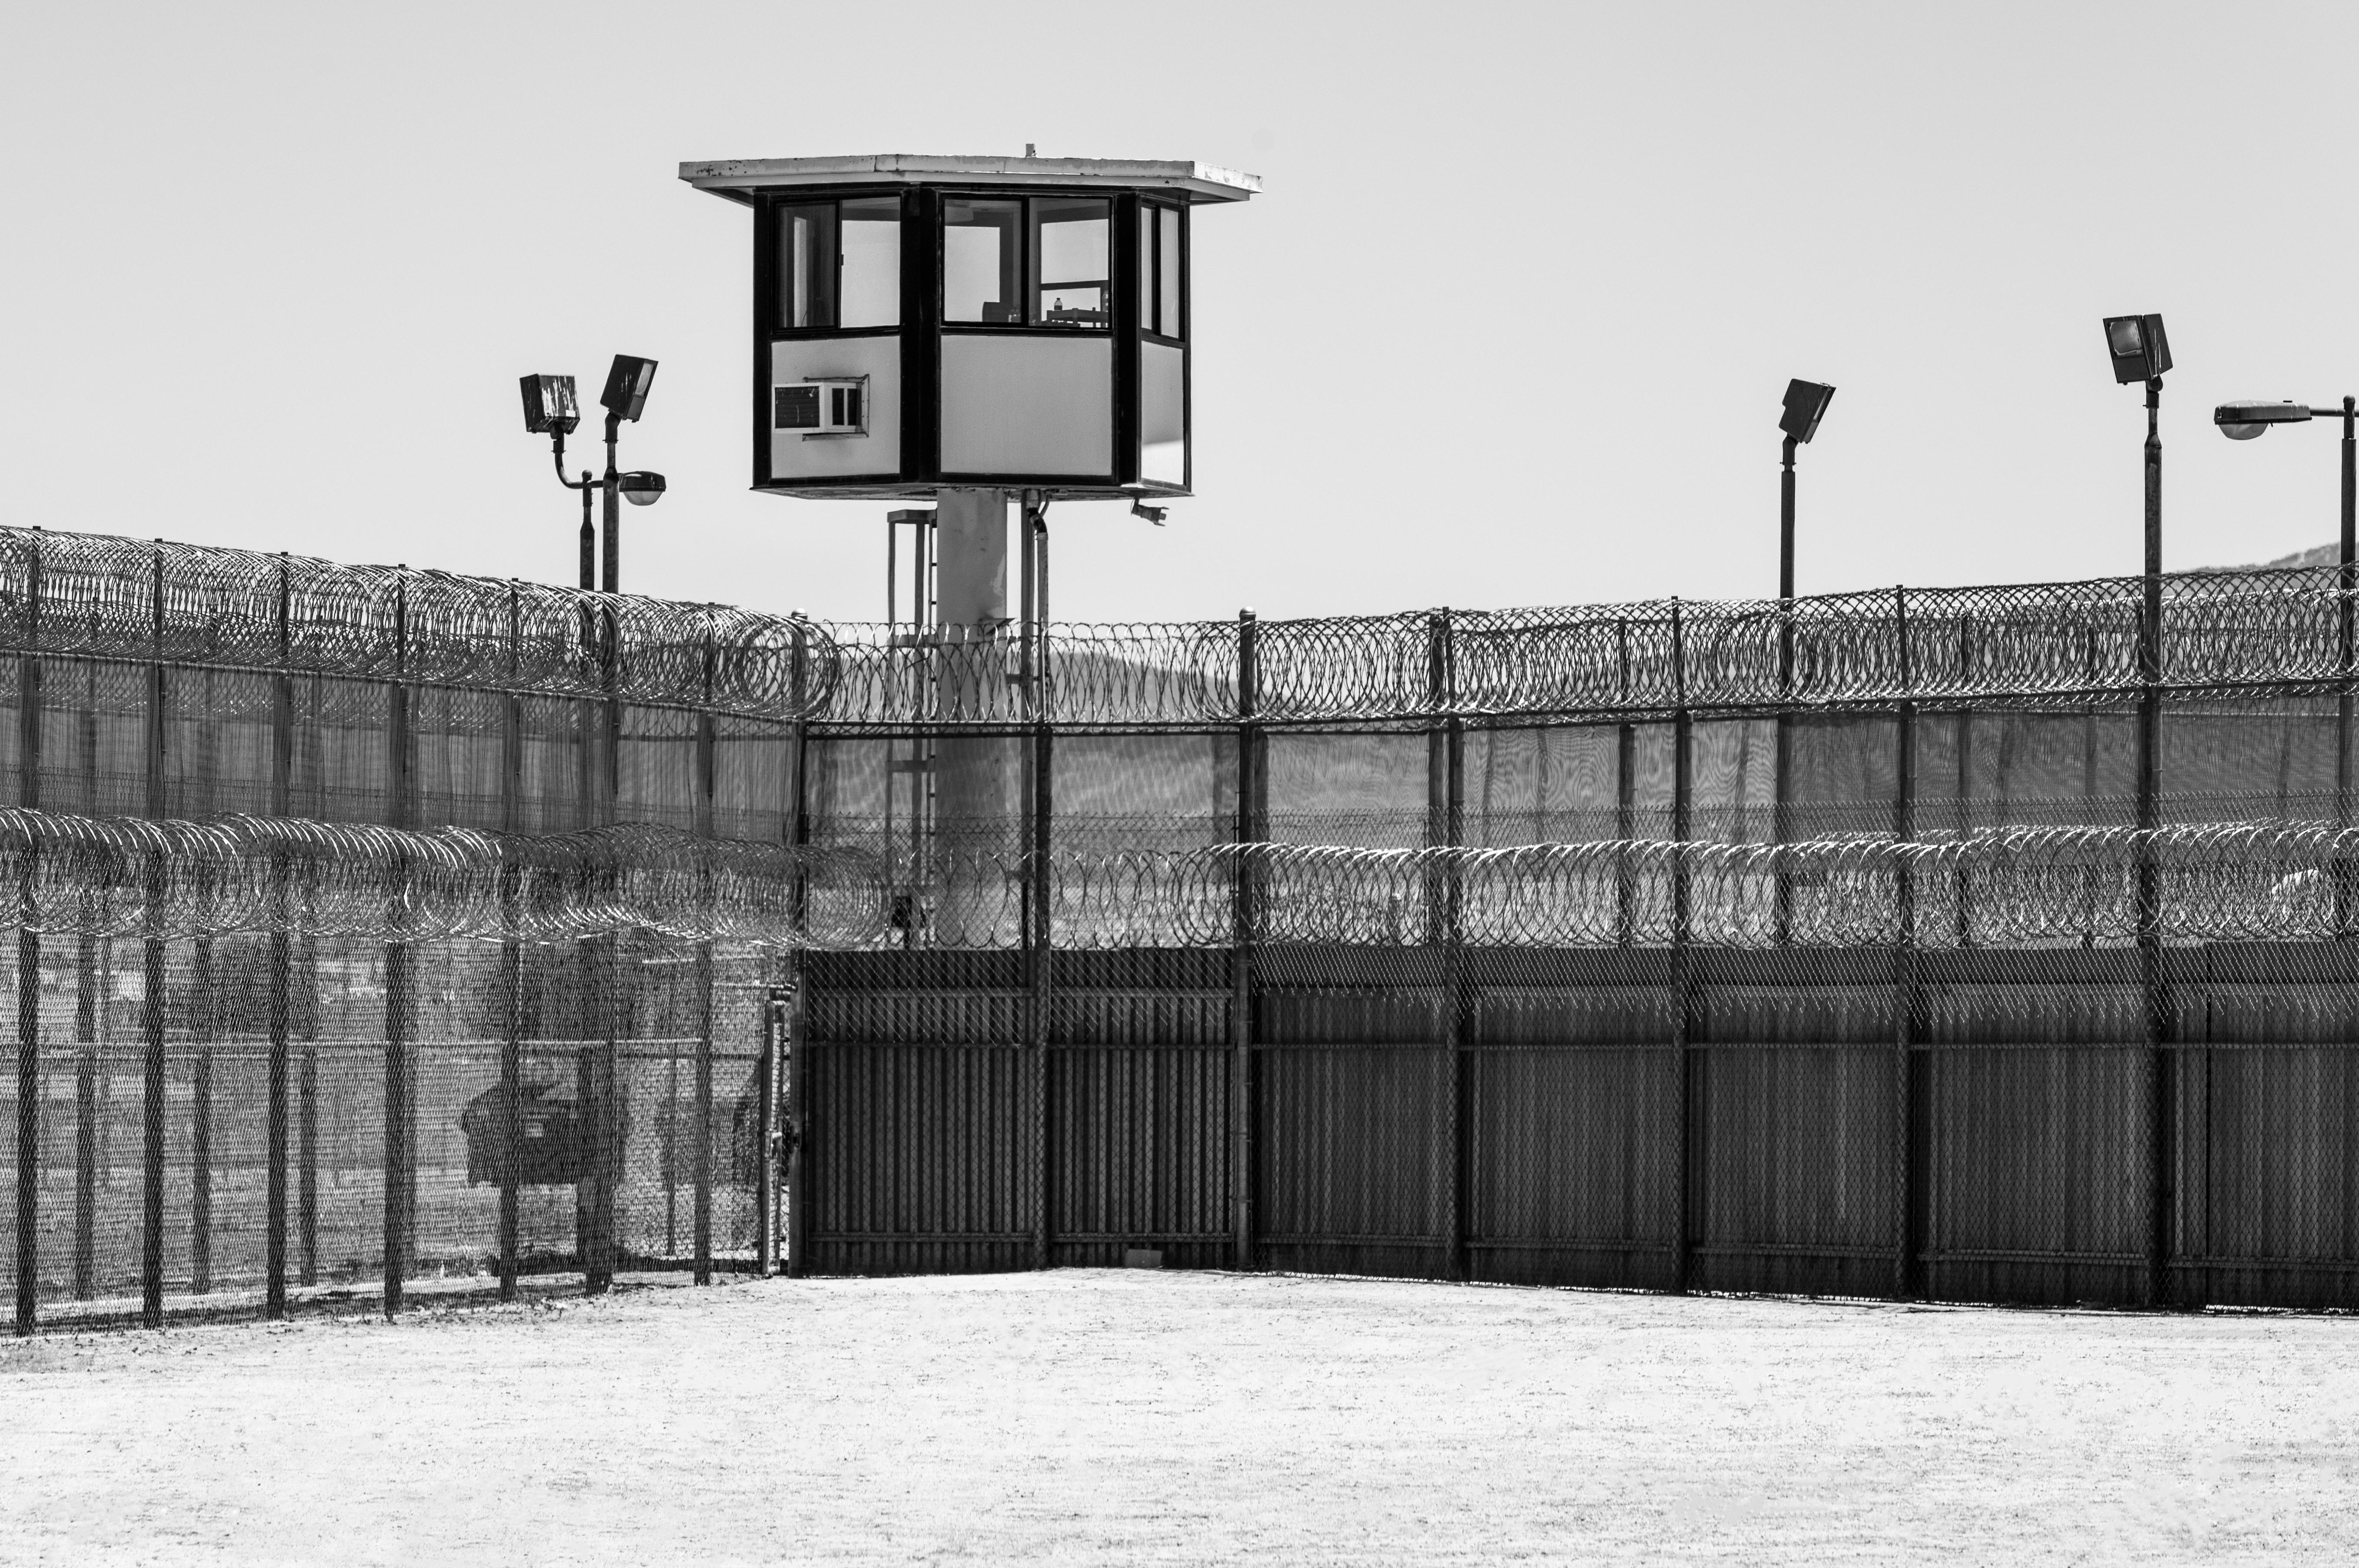 Prison Yard. Shutterstock